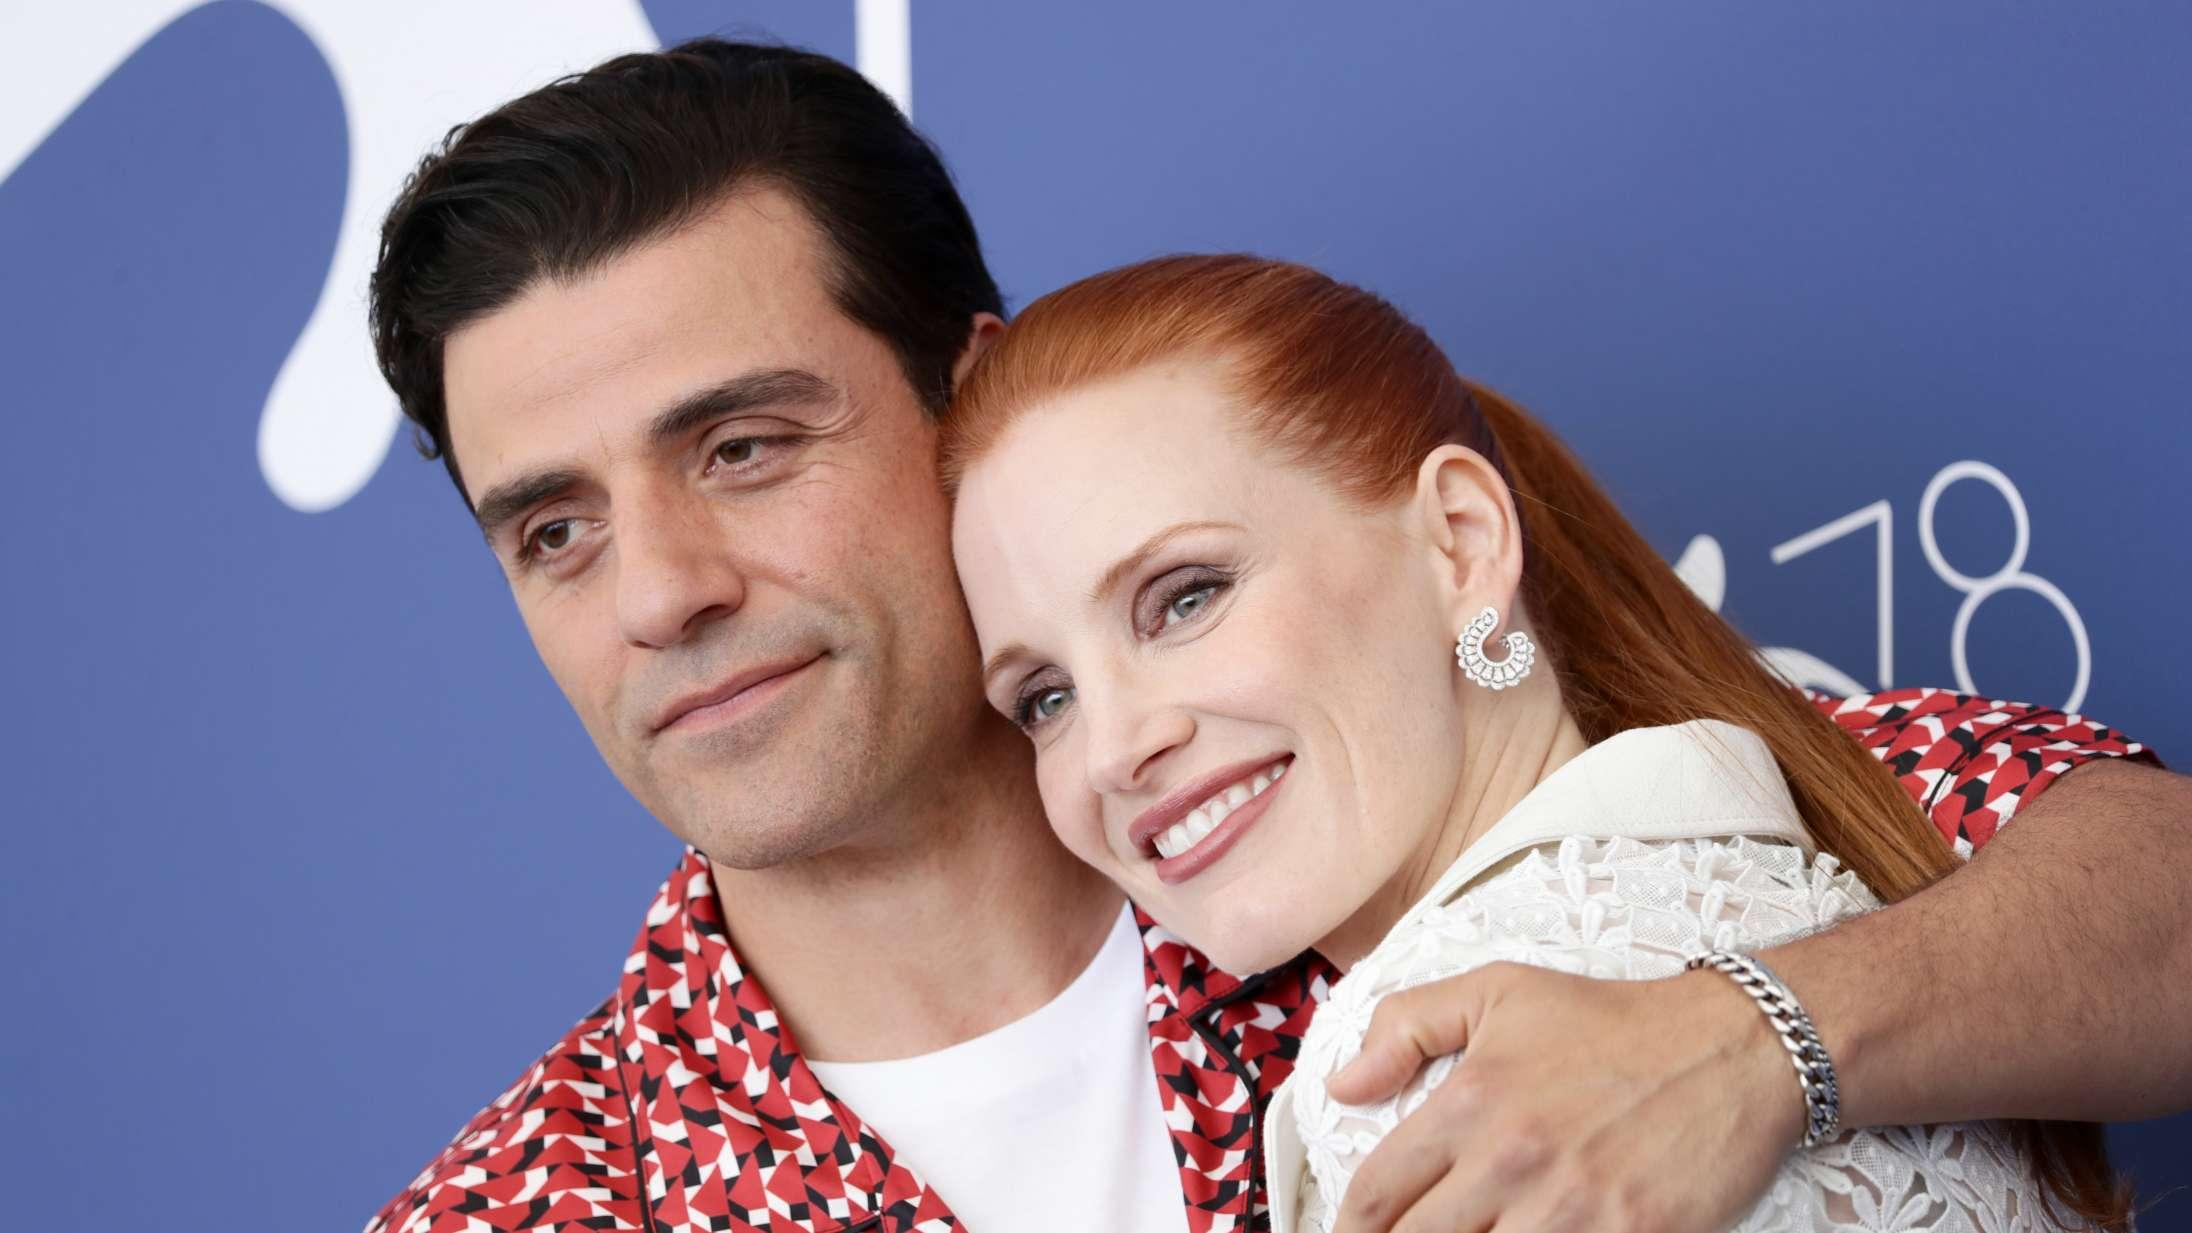 Oscar Isaac og Jessica Chastain blev presset til det yderste af ny HBO-serie: »Det var virkelig følelsesladet og udmattende«